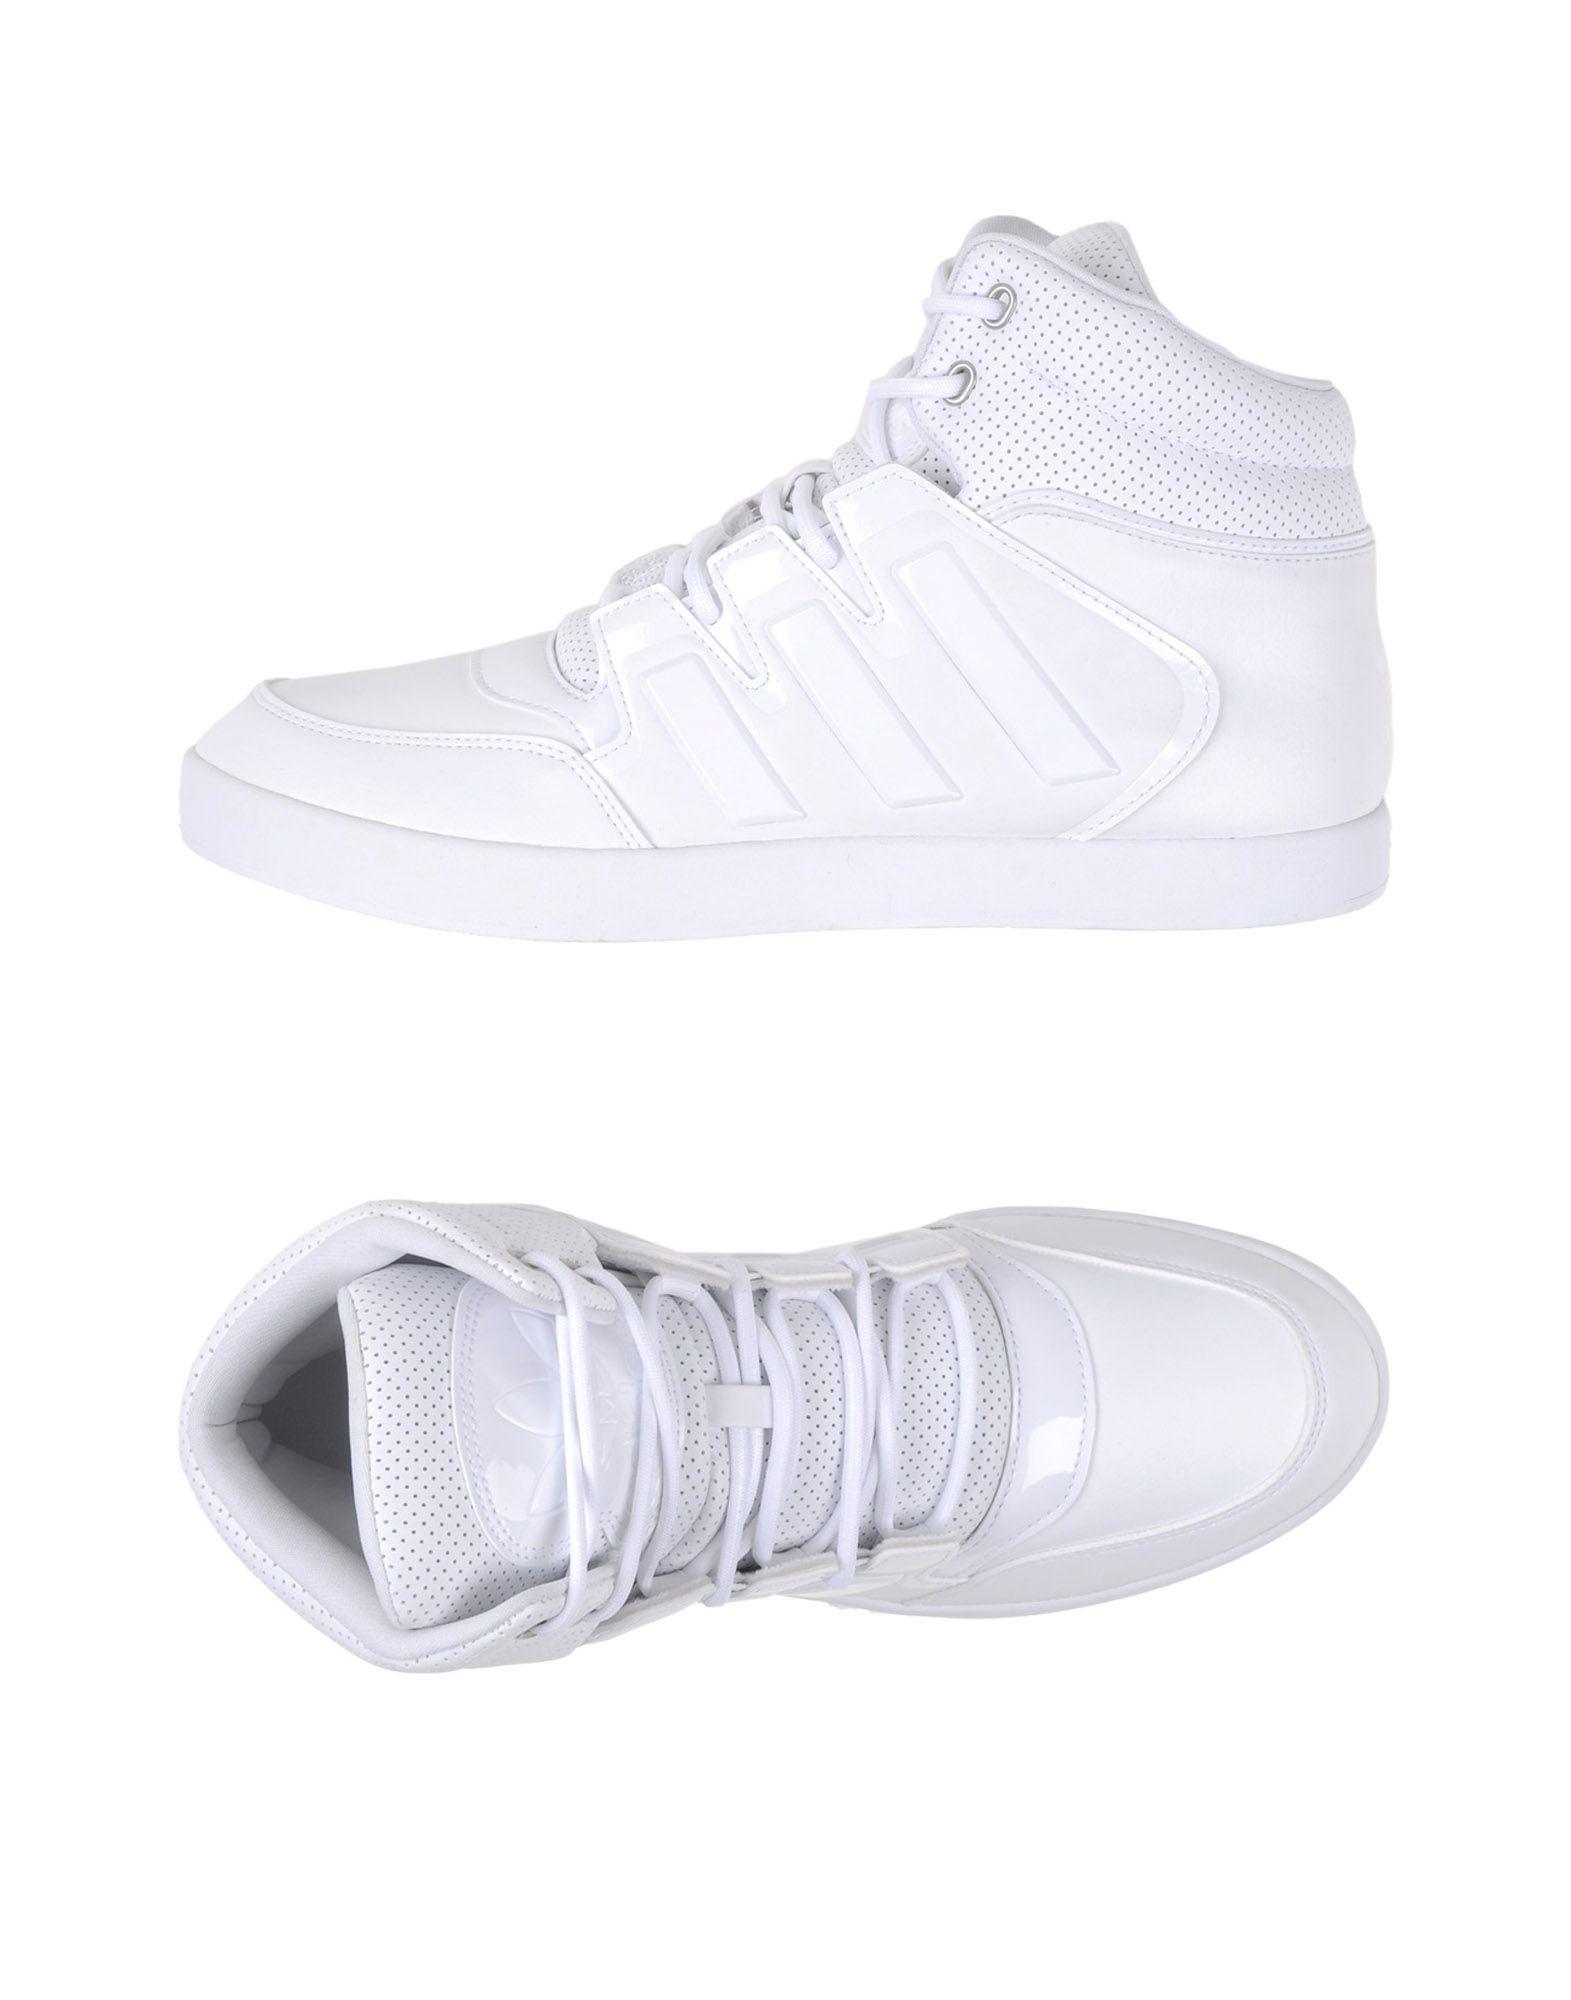 Rabatt echte Schuhe Adidas Originals Sneakers Herren  11033783CL